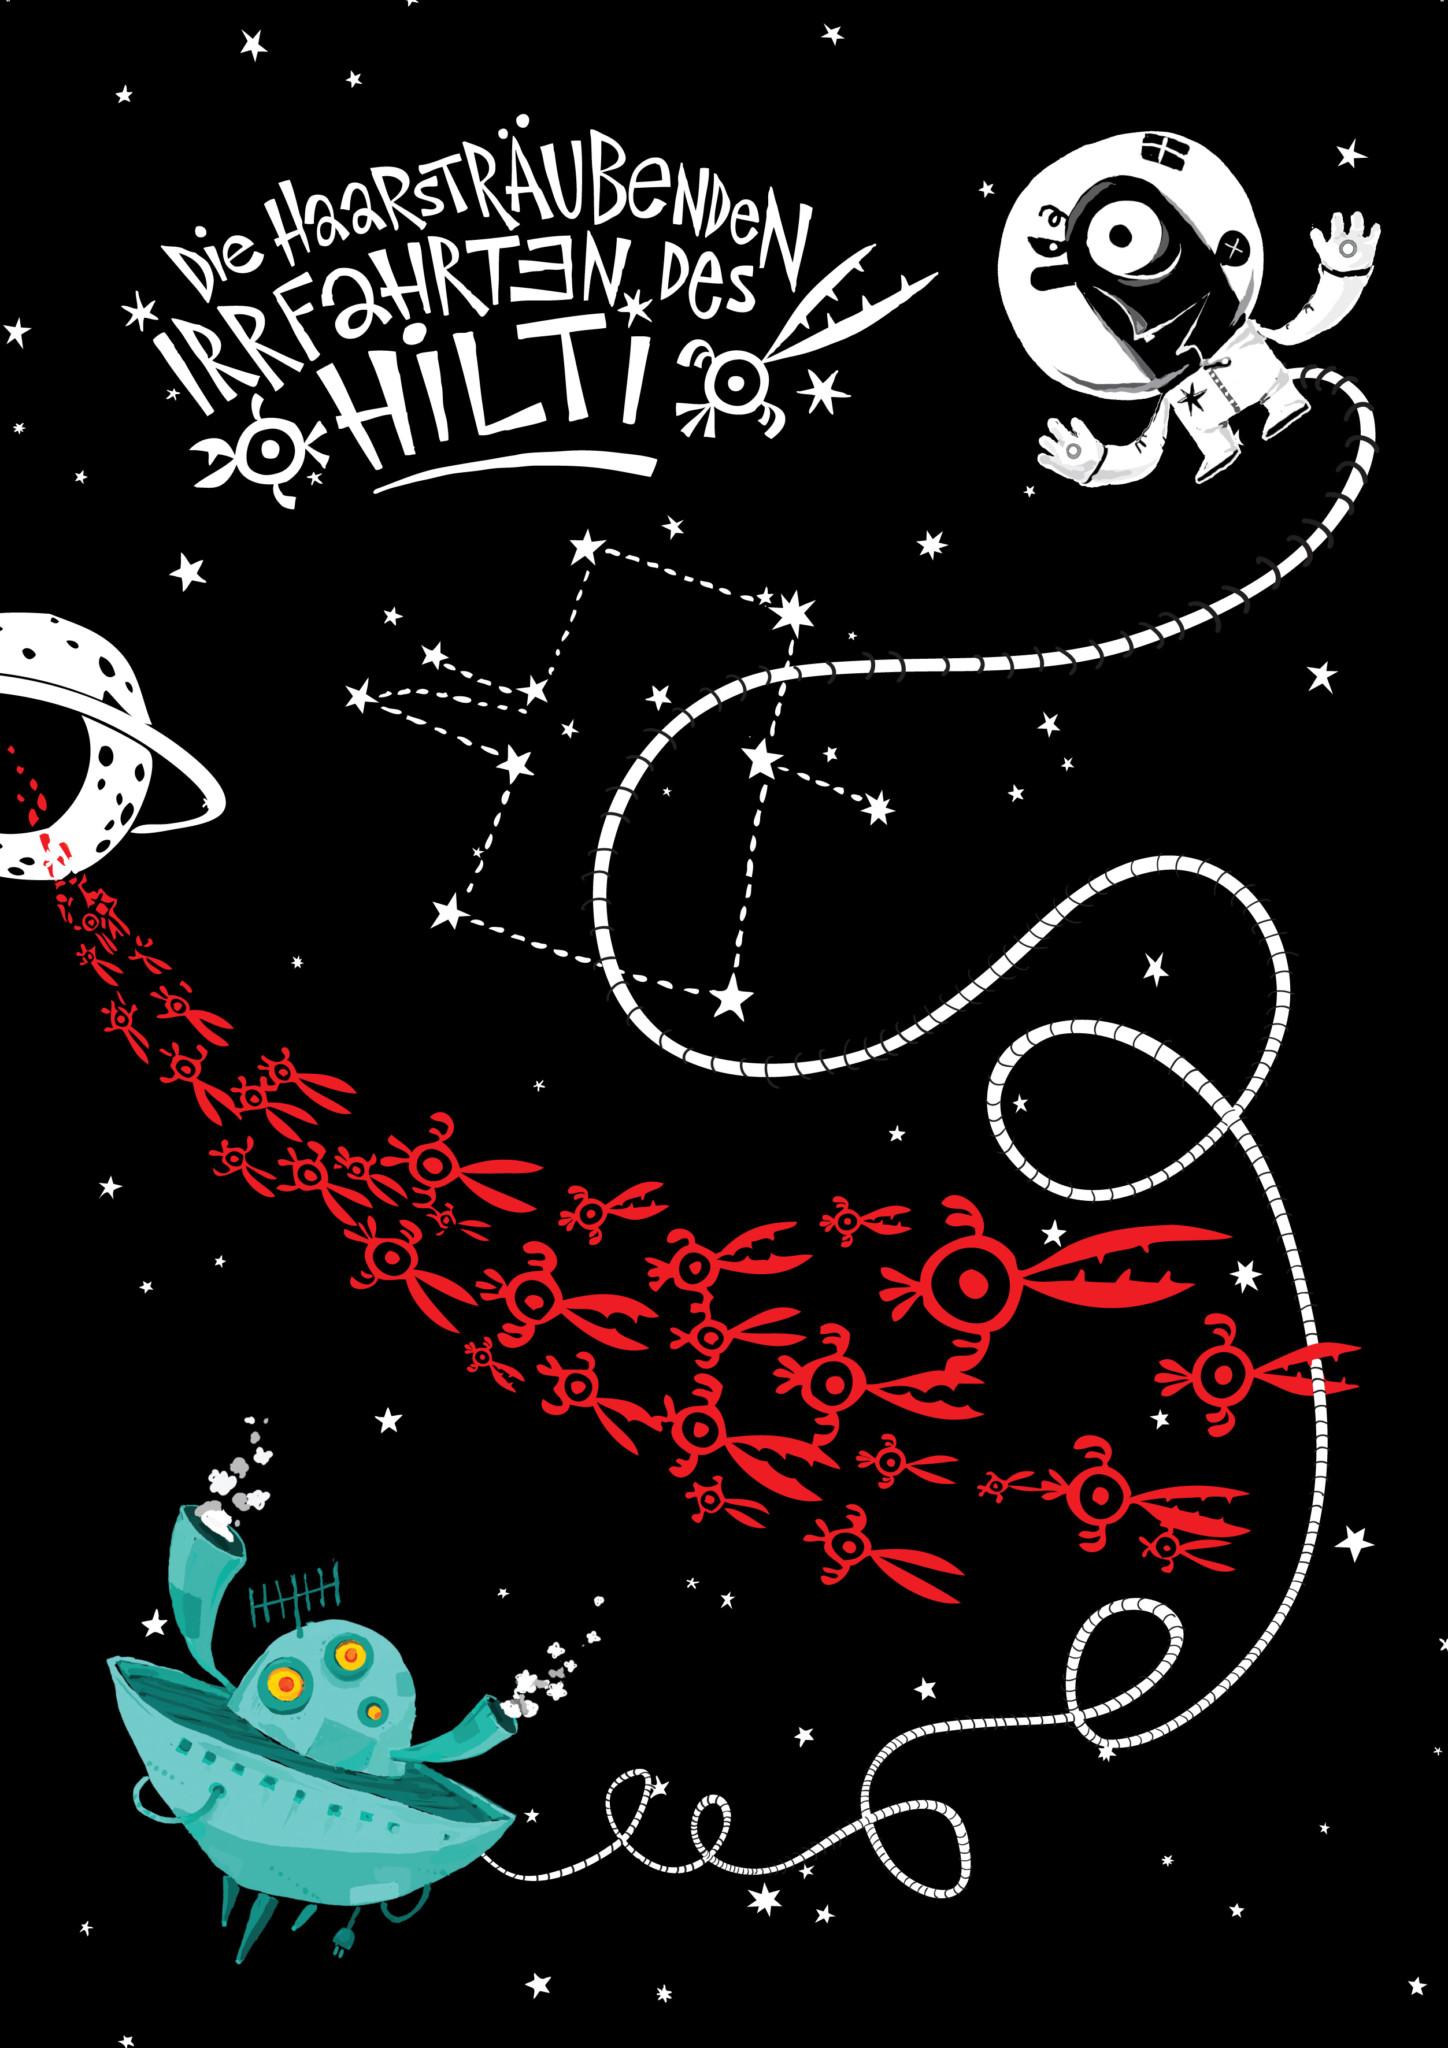 hilti-poster